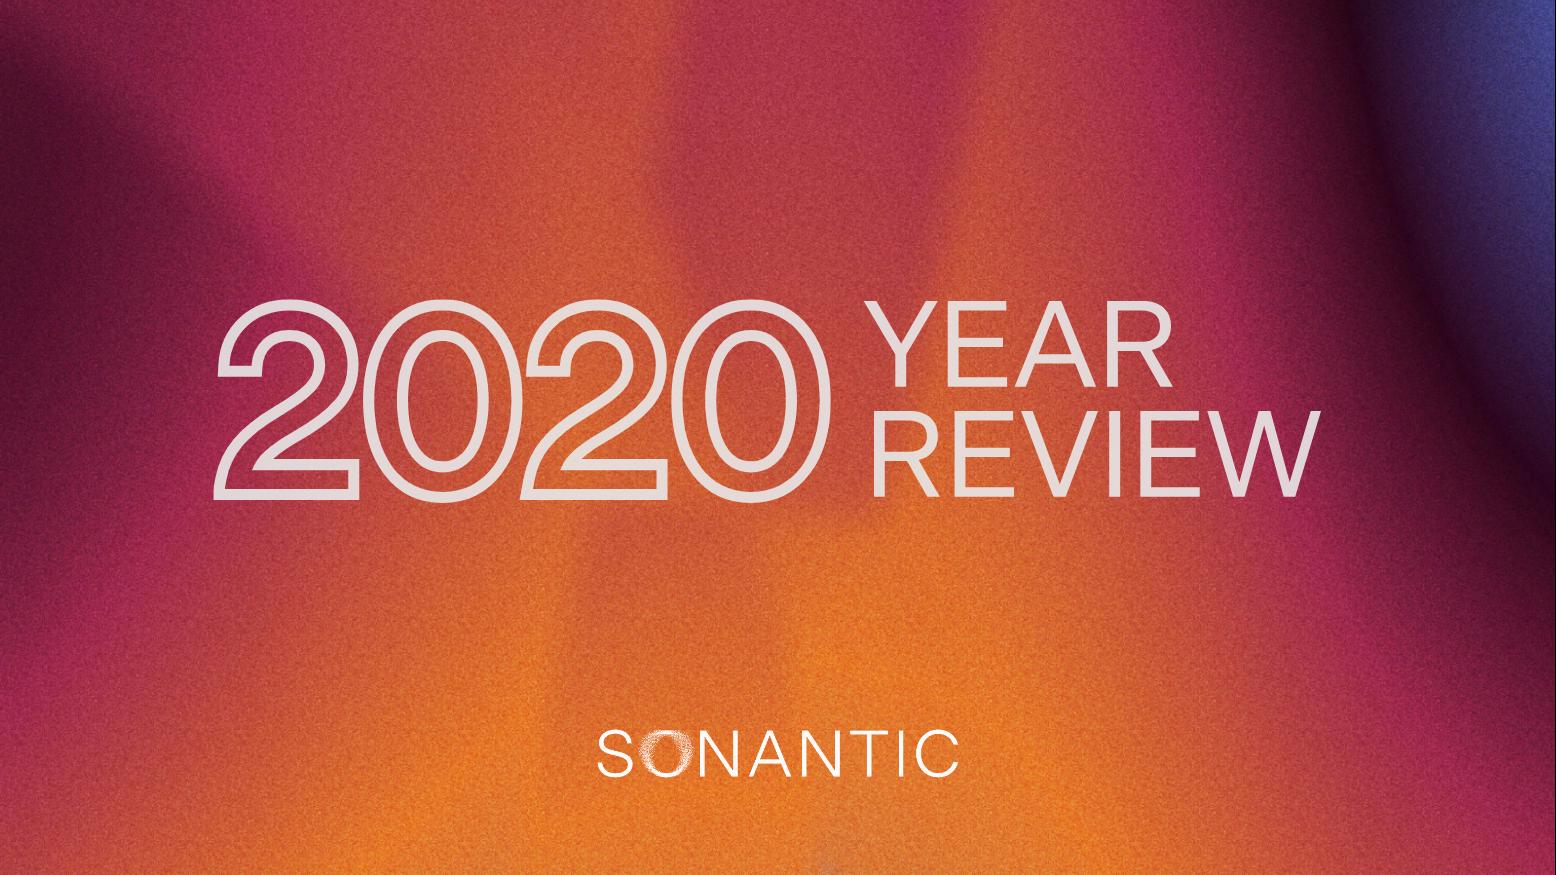 Sonantic's 2020 in review